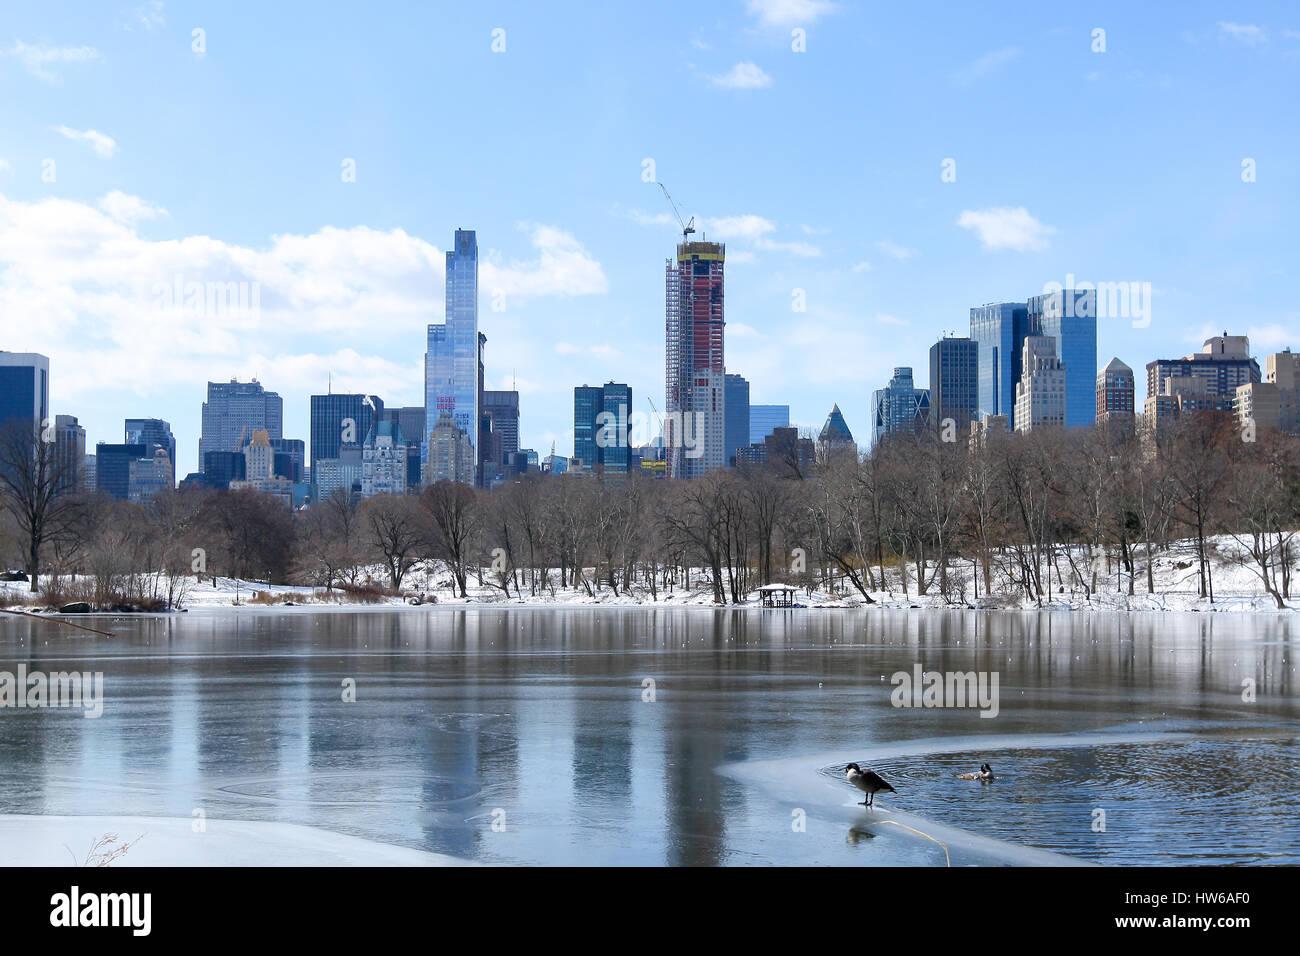 L'hiver à Central Park, New York, NY Banque D'Images